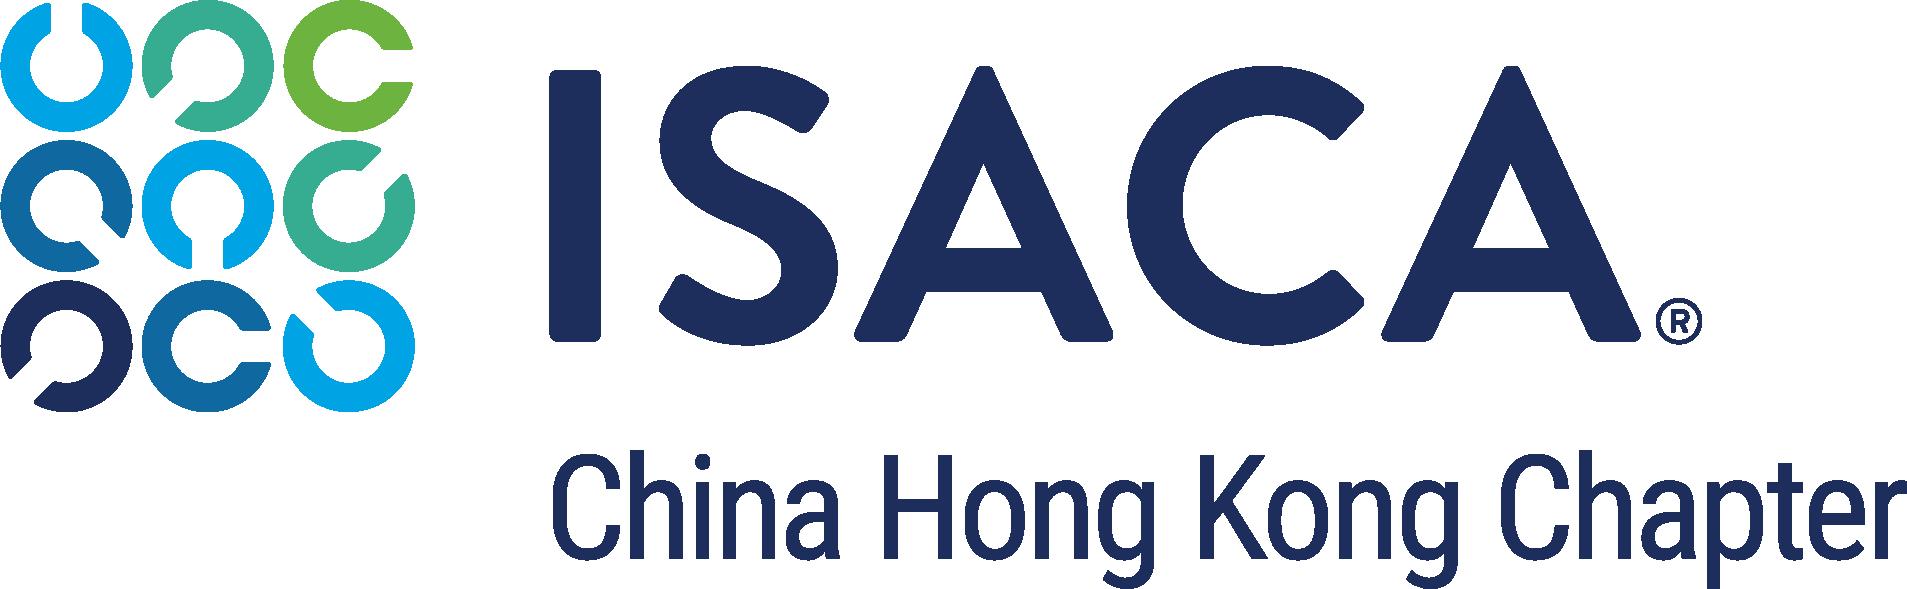 ISACA50_001-ChinaHongKong_5c[2]